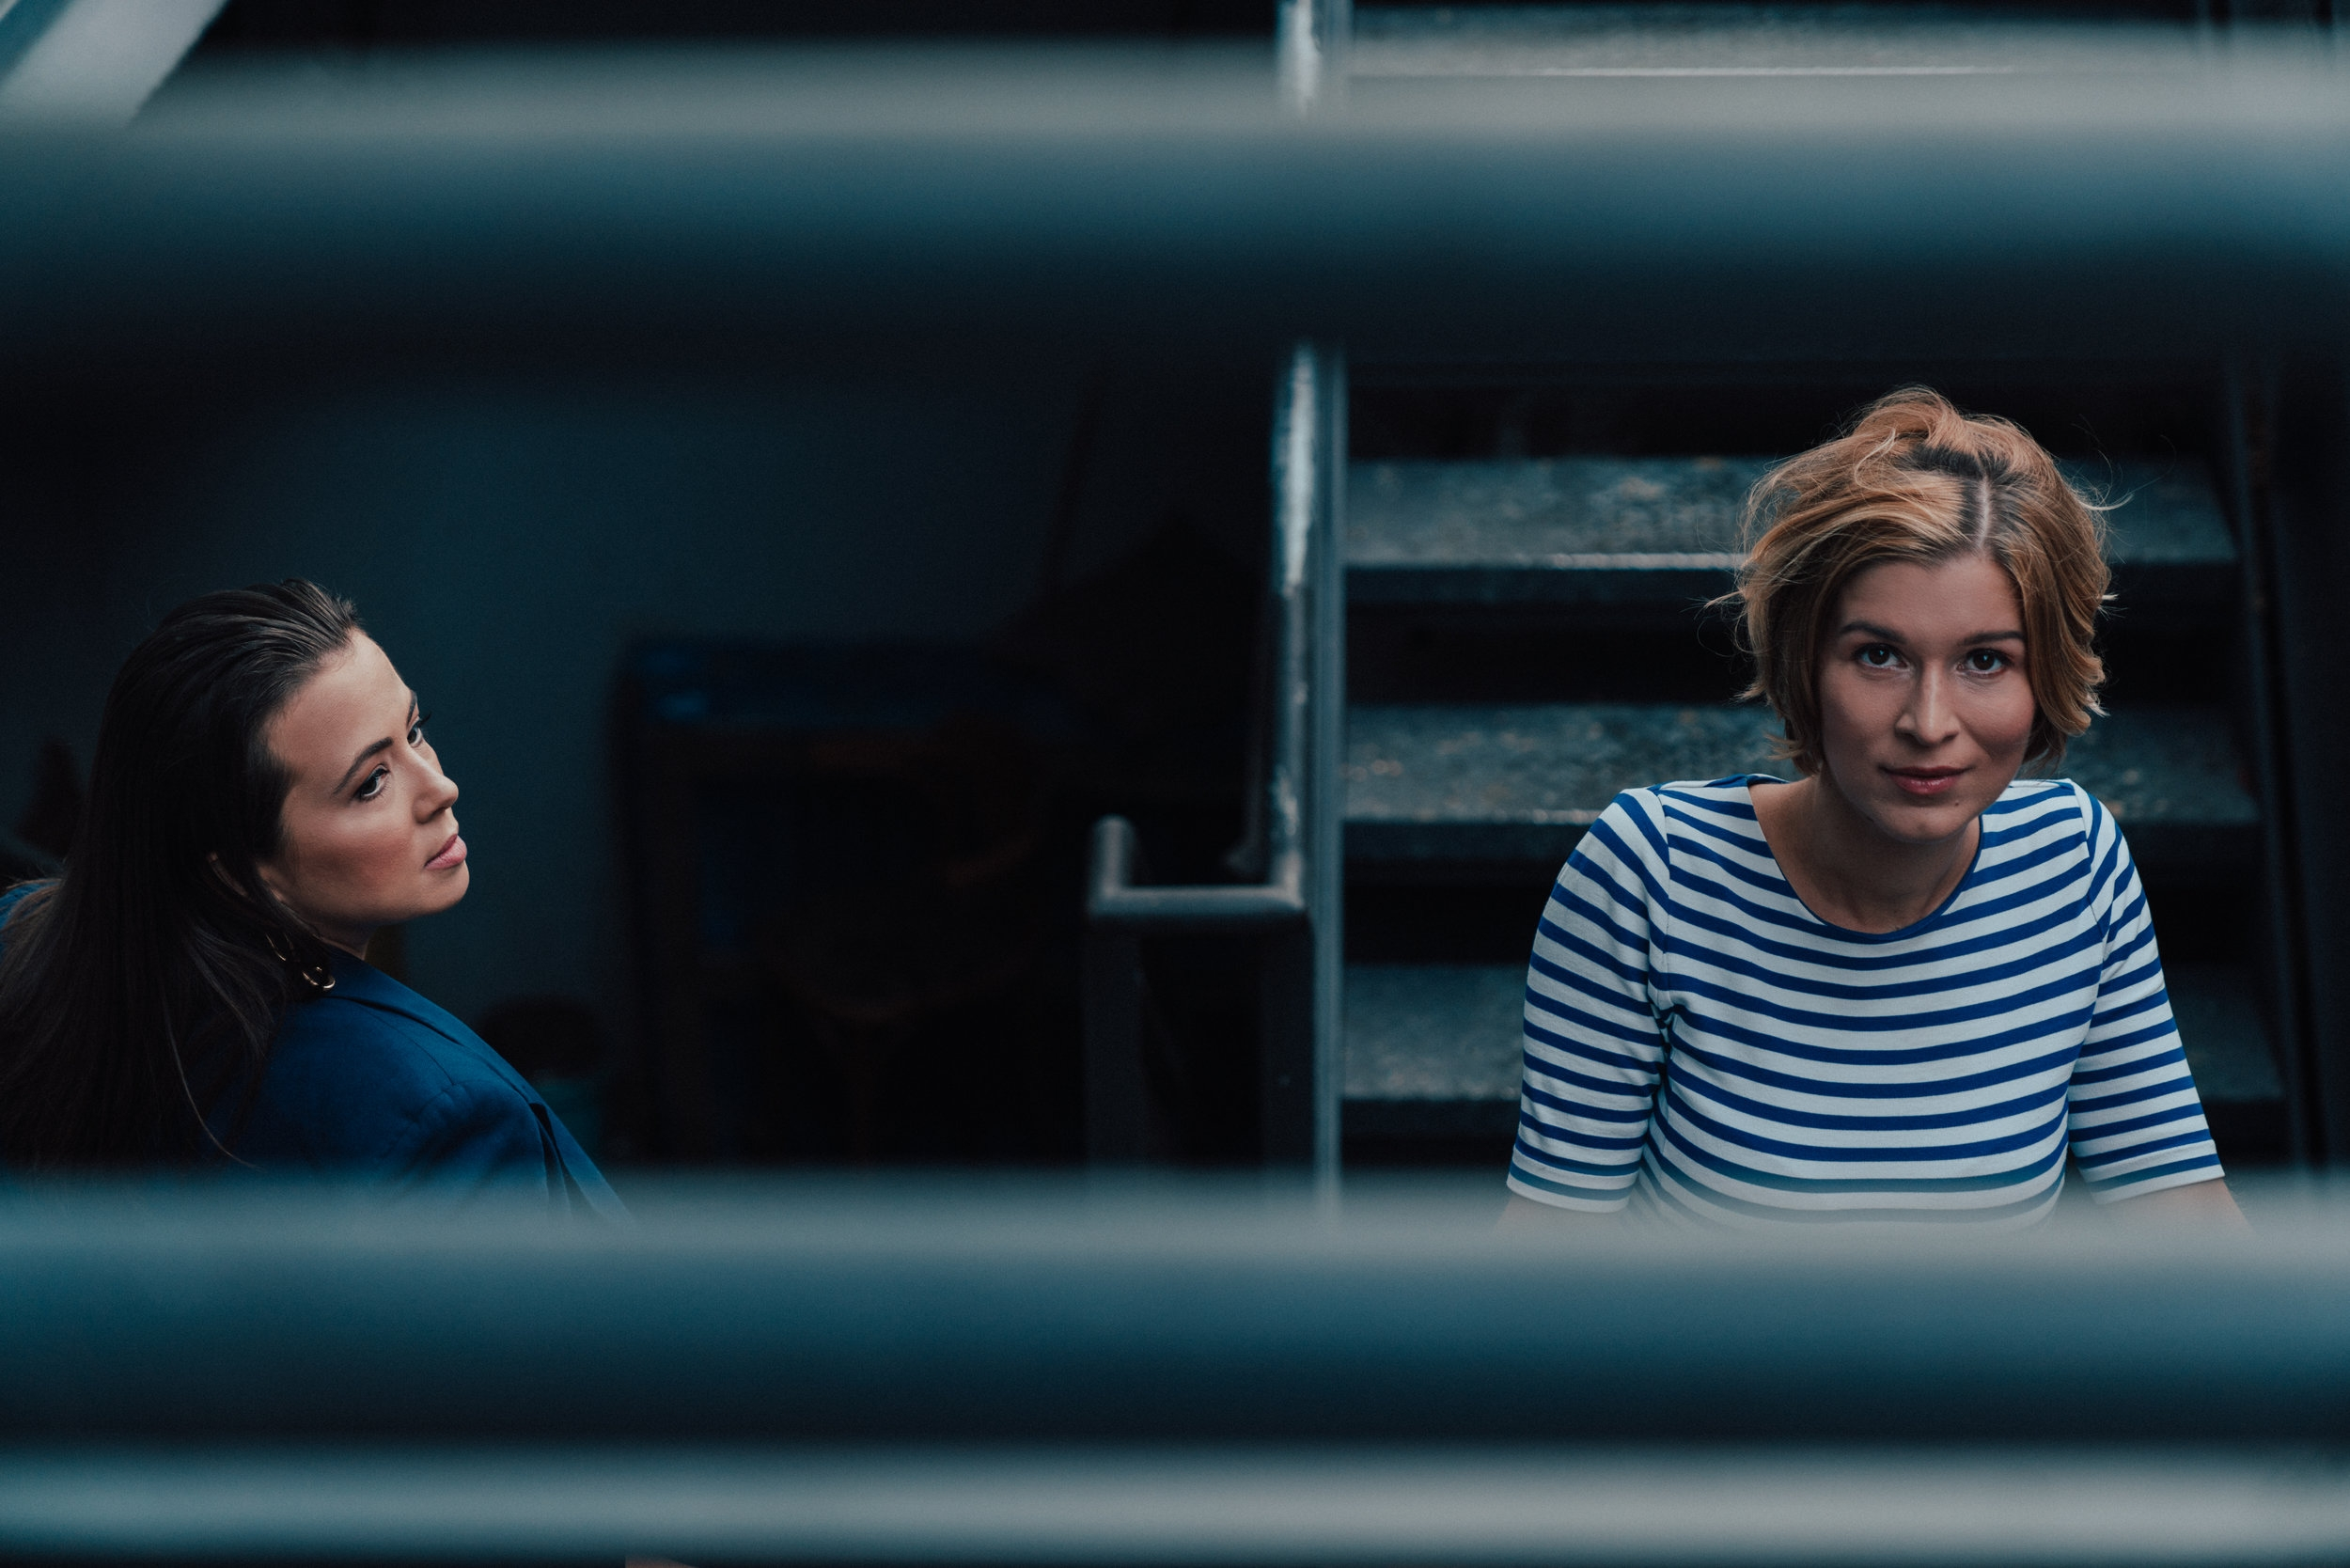 Katerina & Ksenia-22.jpg